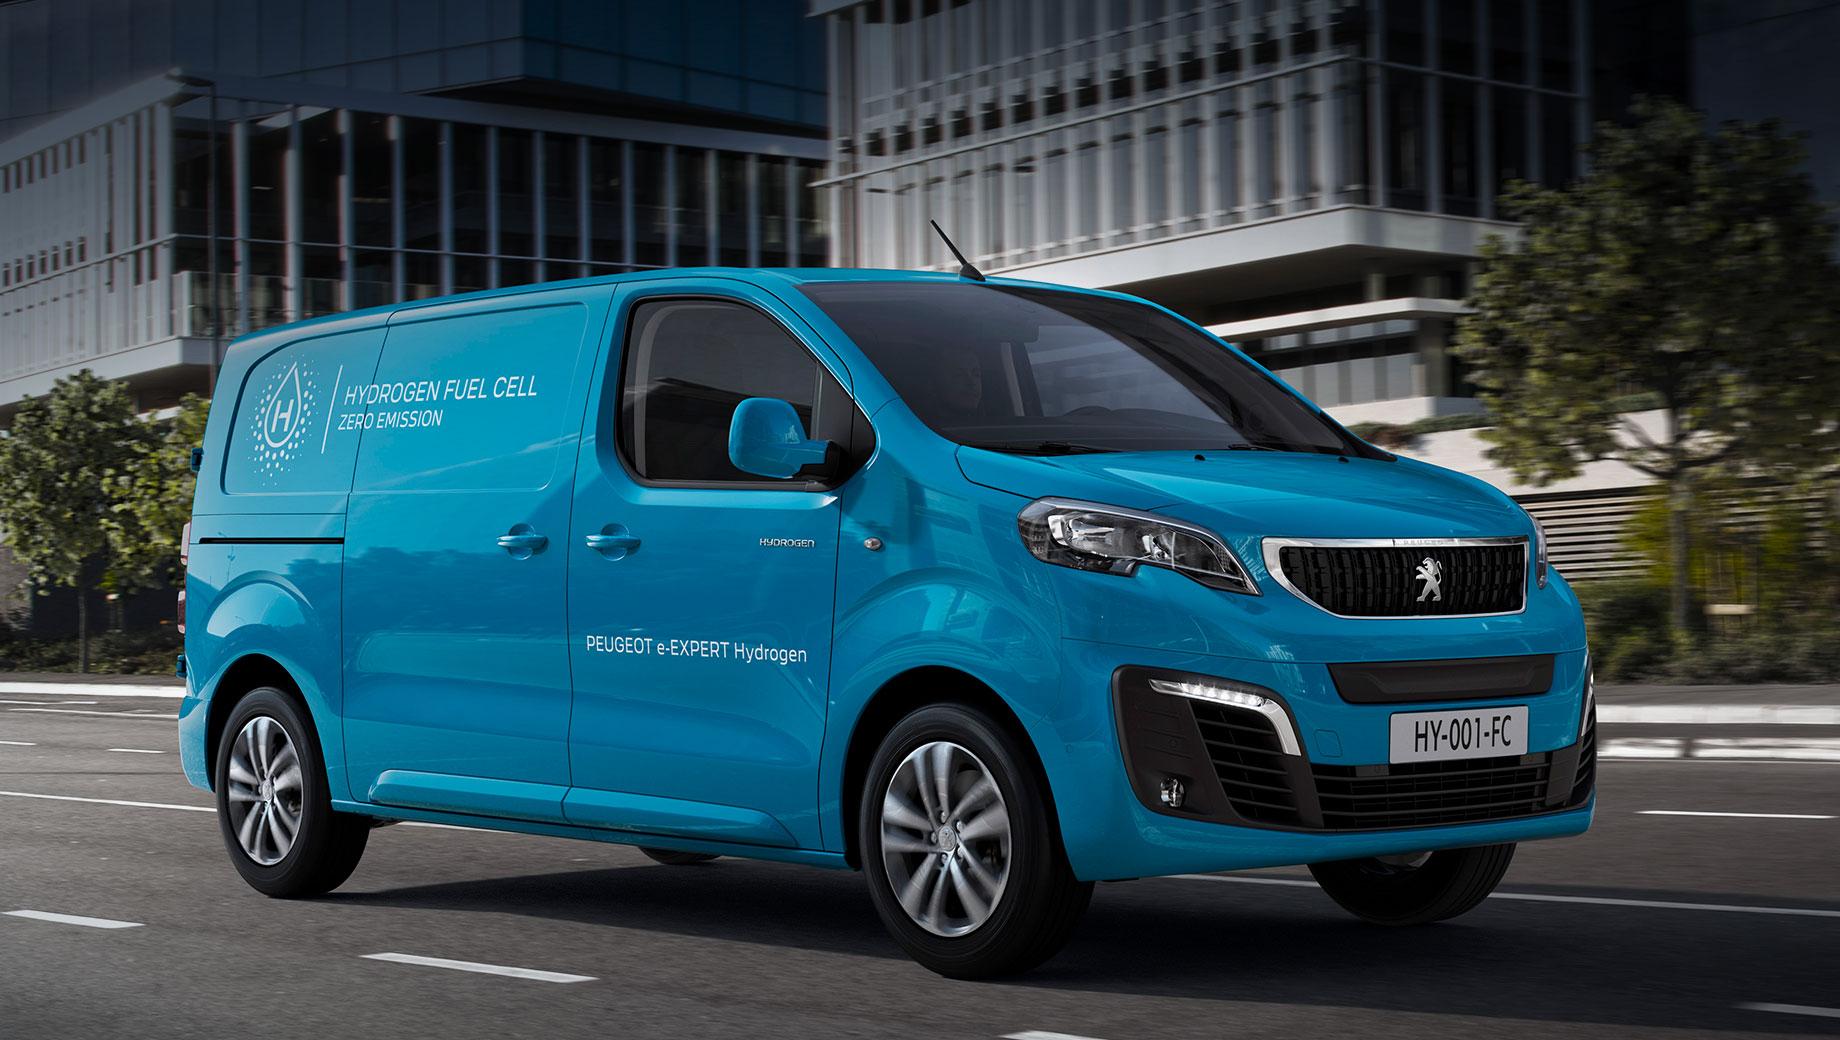 Peugeot e-expert,Peugeot expert,Peugeot e-expert hydrogen. Французы ничего не сообщают об электромоторе, но близнец Opel Vivaro-e Hydrogen уже всё рассказал. Мощность двигателя, питающегося от батареи ёмкостью 10,5 кВт•ч, составляет 100 кВт (136 л.с., 260 Н•м), а топливных элементов под капотом — 45 кВт (61 л.с.).